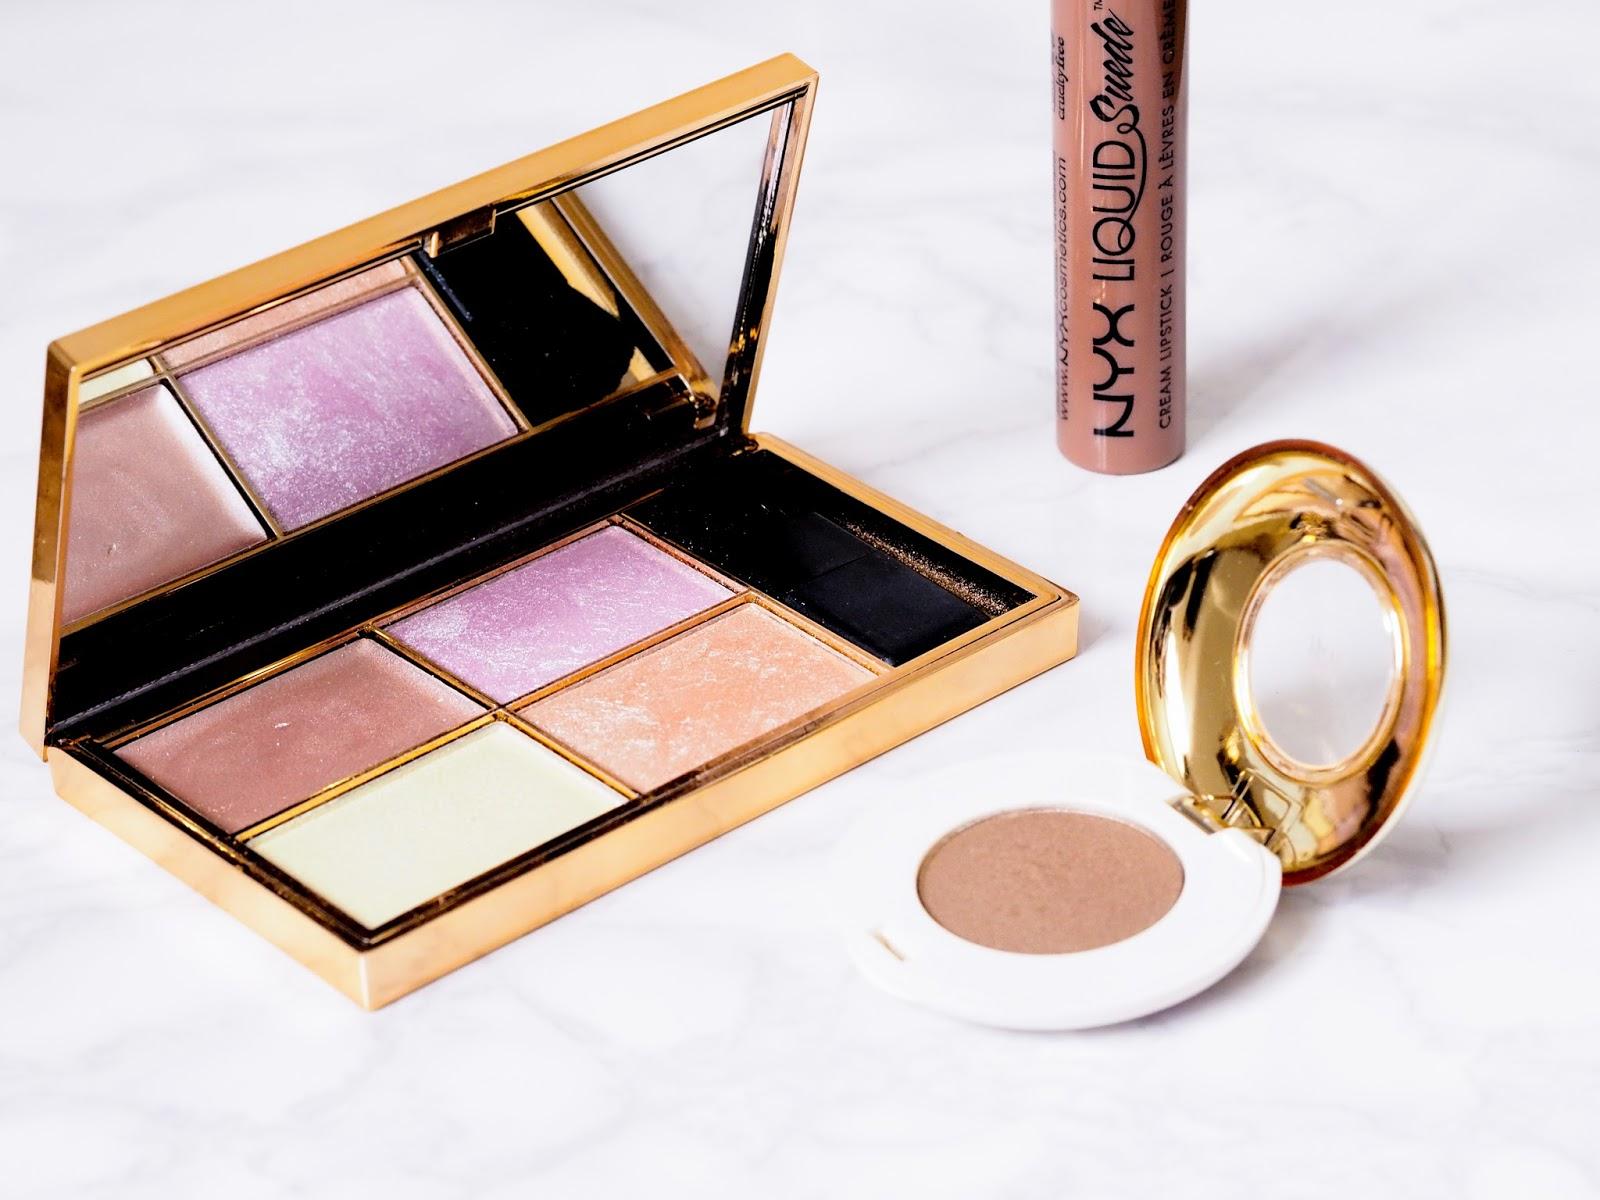 Beauty Tous Les Jours Sleek Solstice Palette